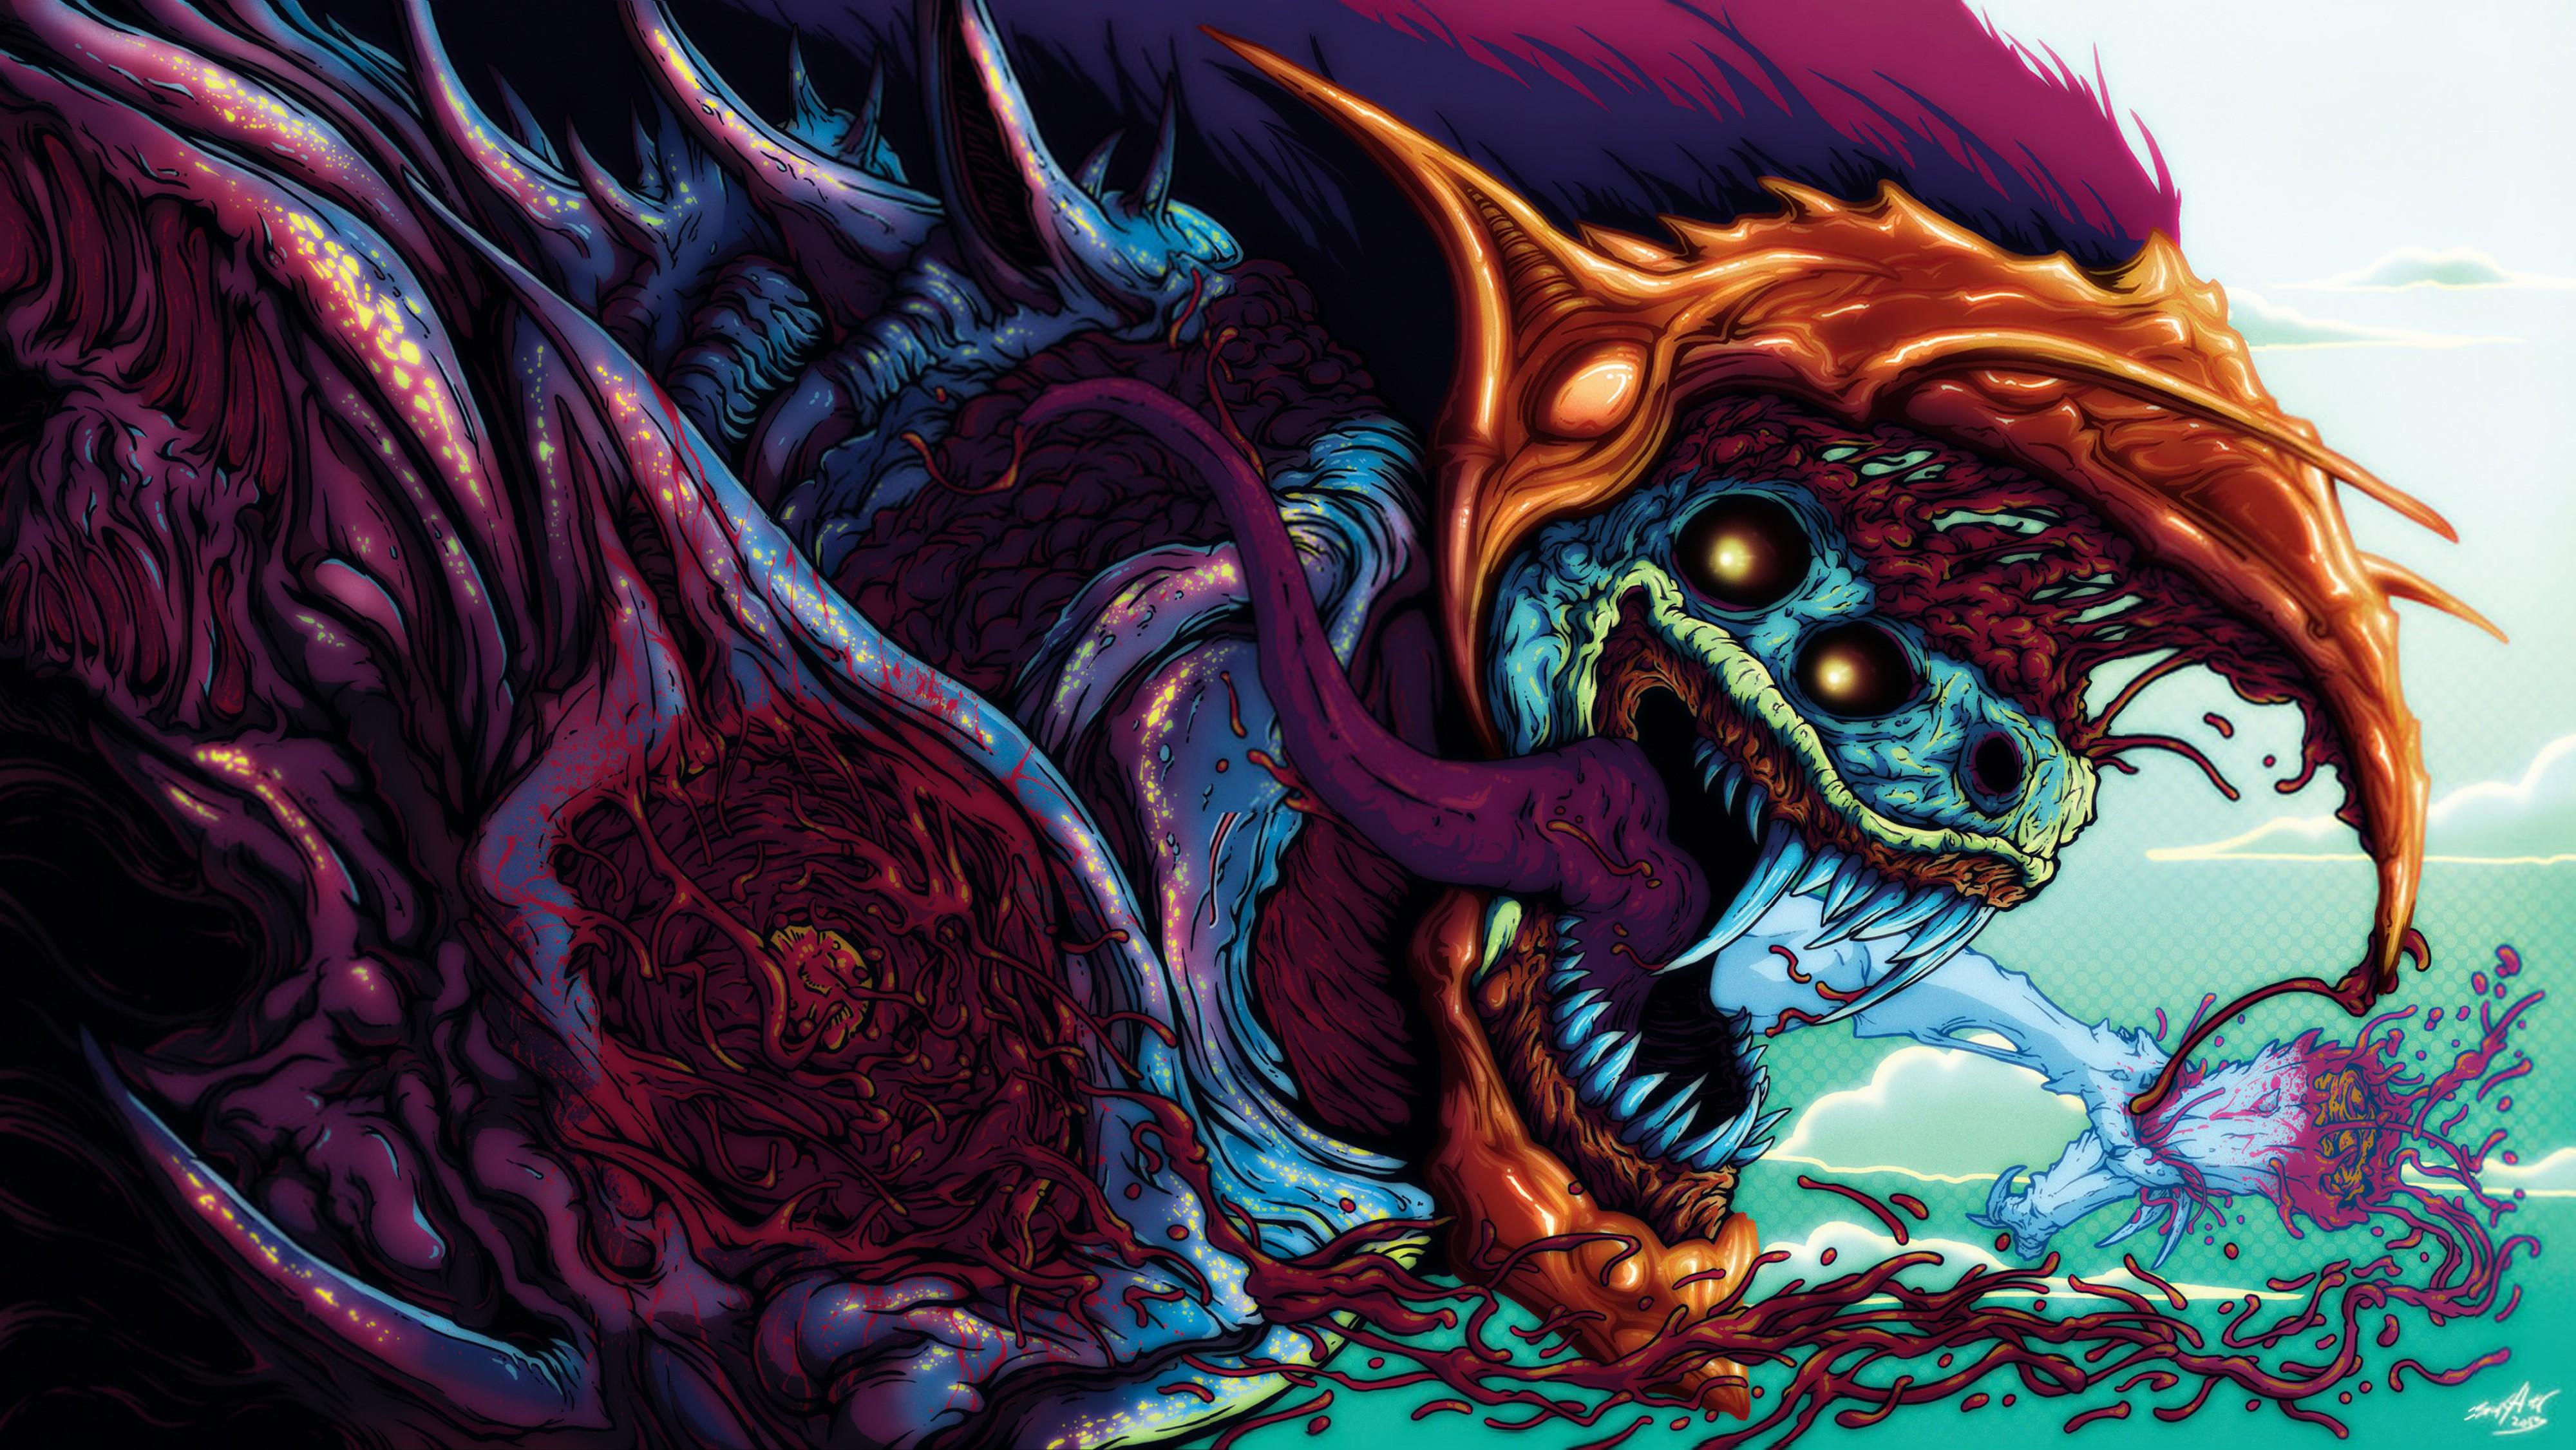 Download 4000x2251 hyper beast 3d art graphics beast monster 4000x2251